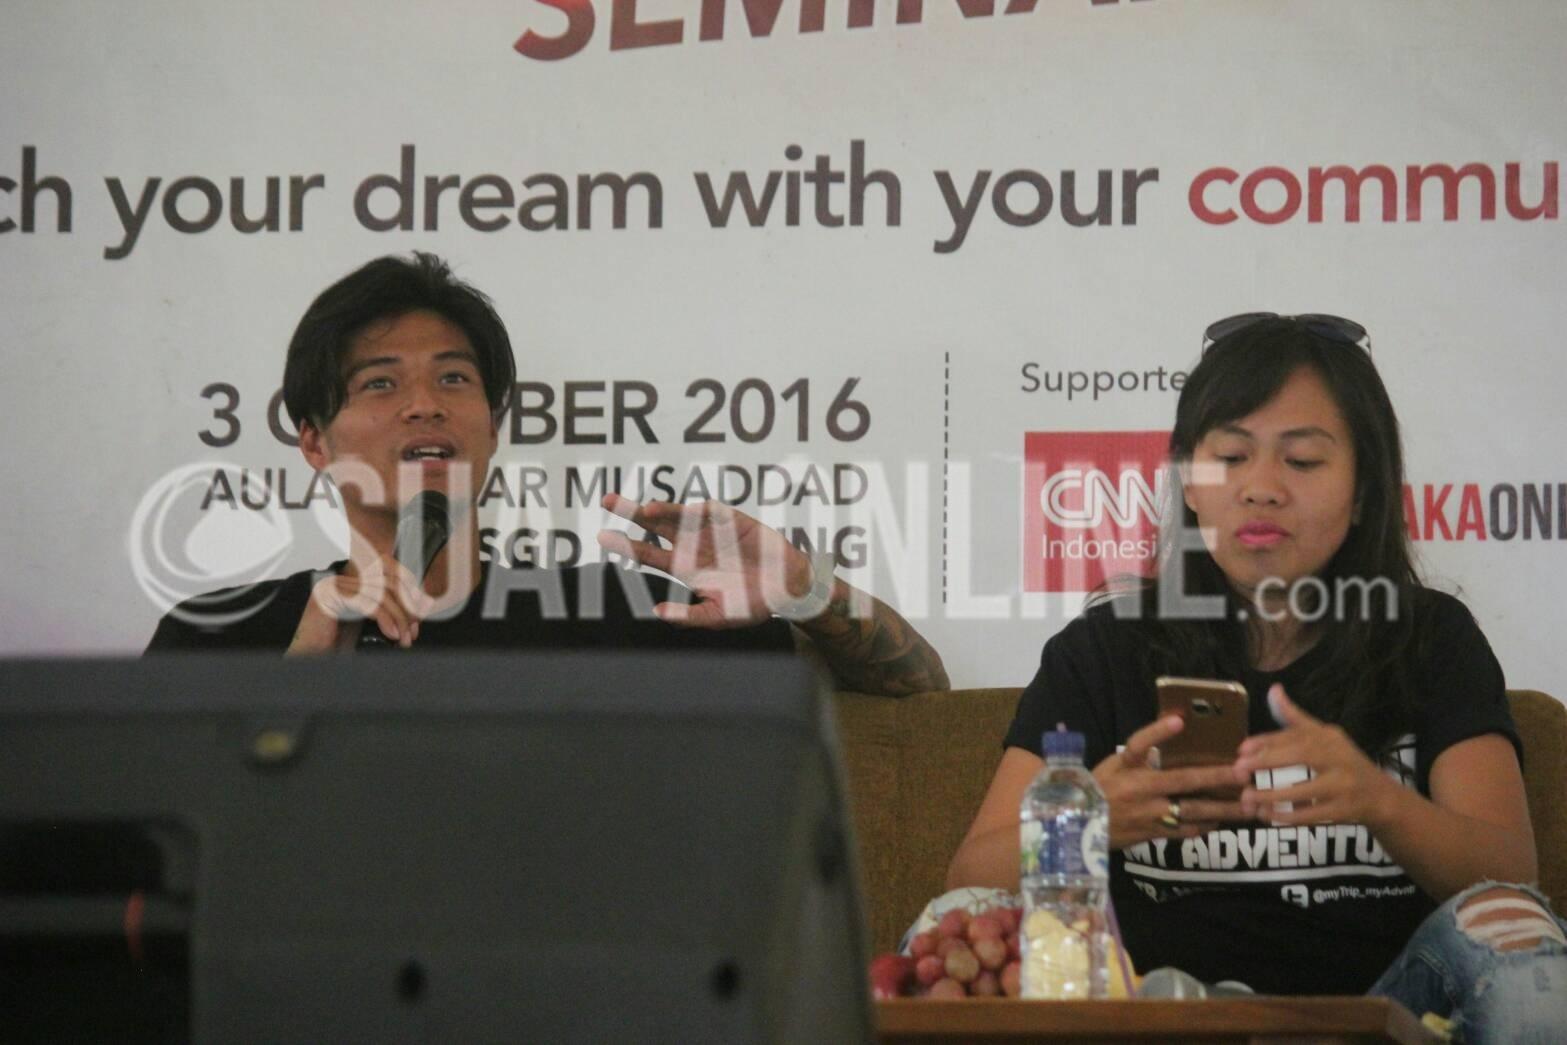 Marshal Sastra, Host My Trip My Adventure (kiri) dan Yessy Yeni Agus (kanan) berbagi pengalamannya tentang dunia broadcasting dalam acara Seminar Broadcasting di Aula Anwar Mussadad, UIN Bandung, Selasa (3/9/2016). Acara ini diselenggarakan oleh Lembaga Pers Mahasiswa Suaka yang bekerja sama dengan Trans Corporation dan CNN Indonesia. (SUAKA/ELYA RHAFSANZANI